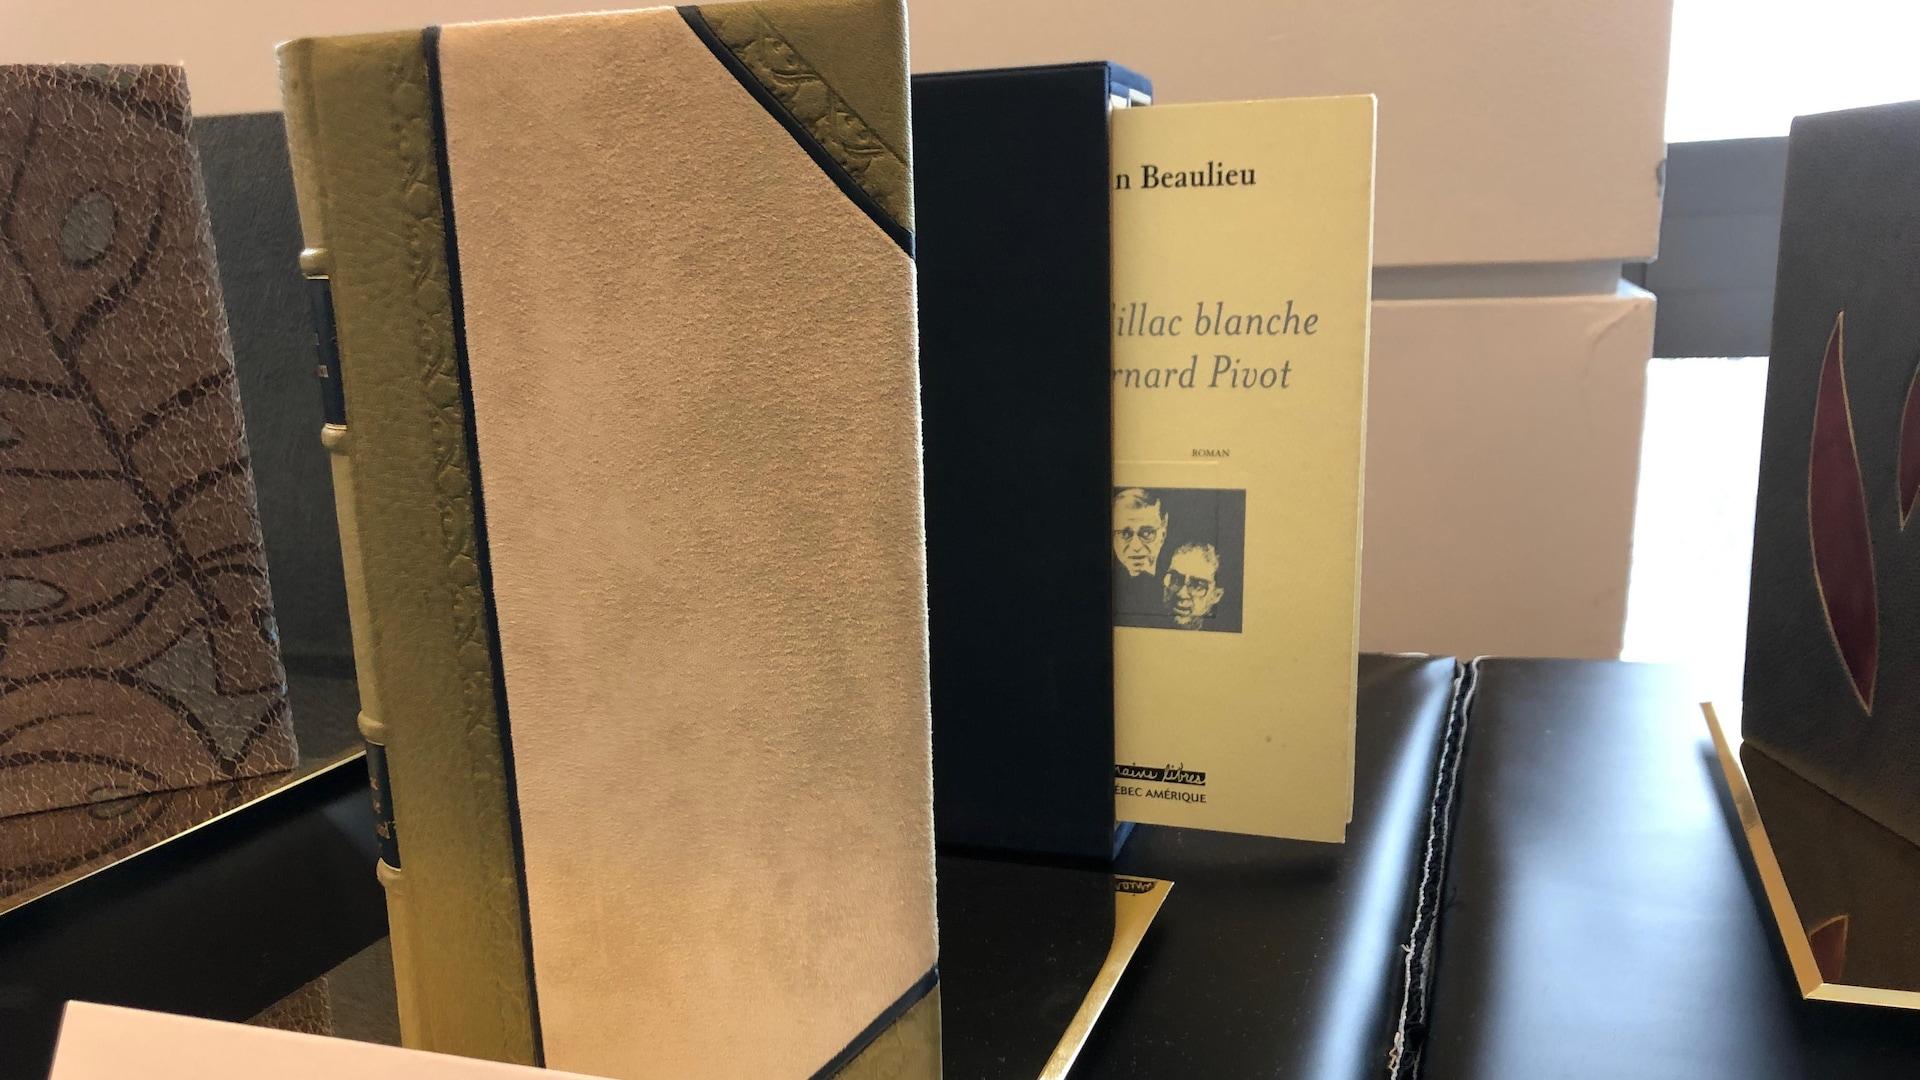 Des livres reliés pour la postérité sont présentés au grand public pour la première fois.